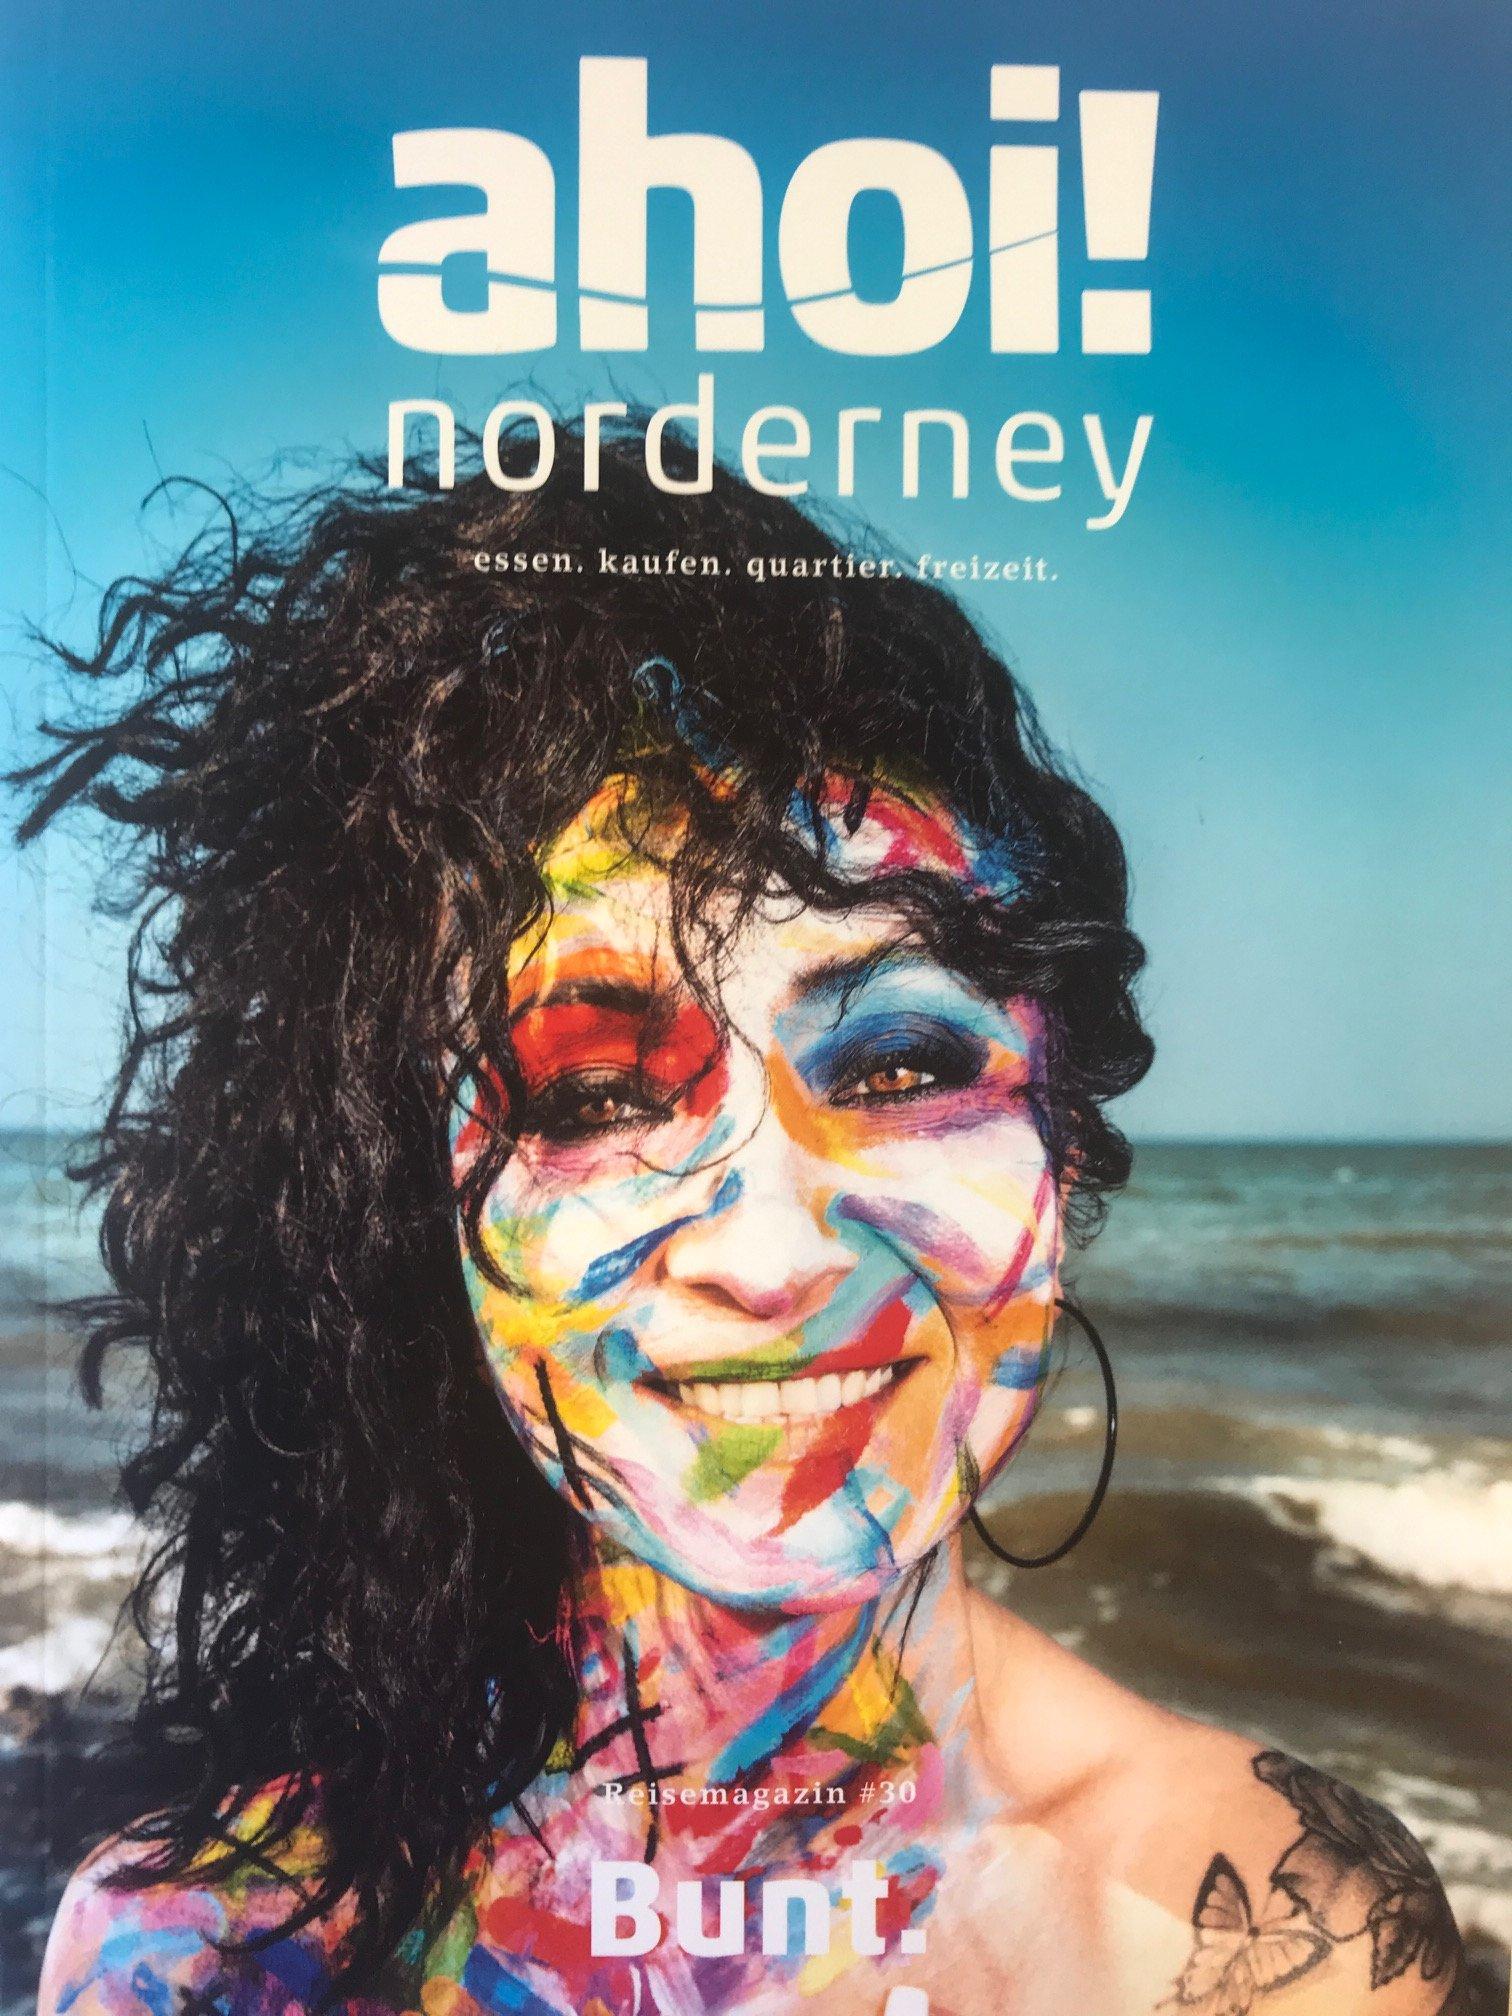 Ahoi Titelbild - 30 Ausgabe des Norderneymagazins Ahoi